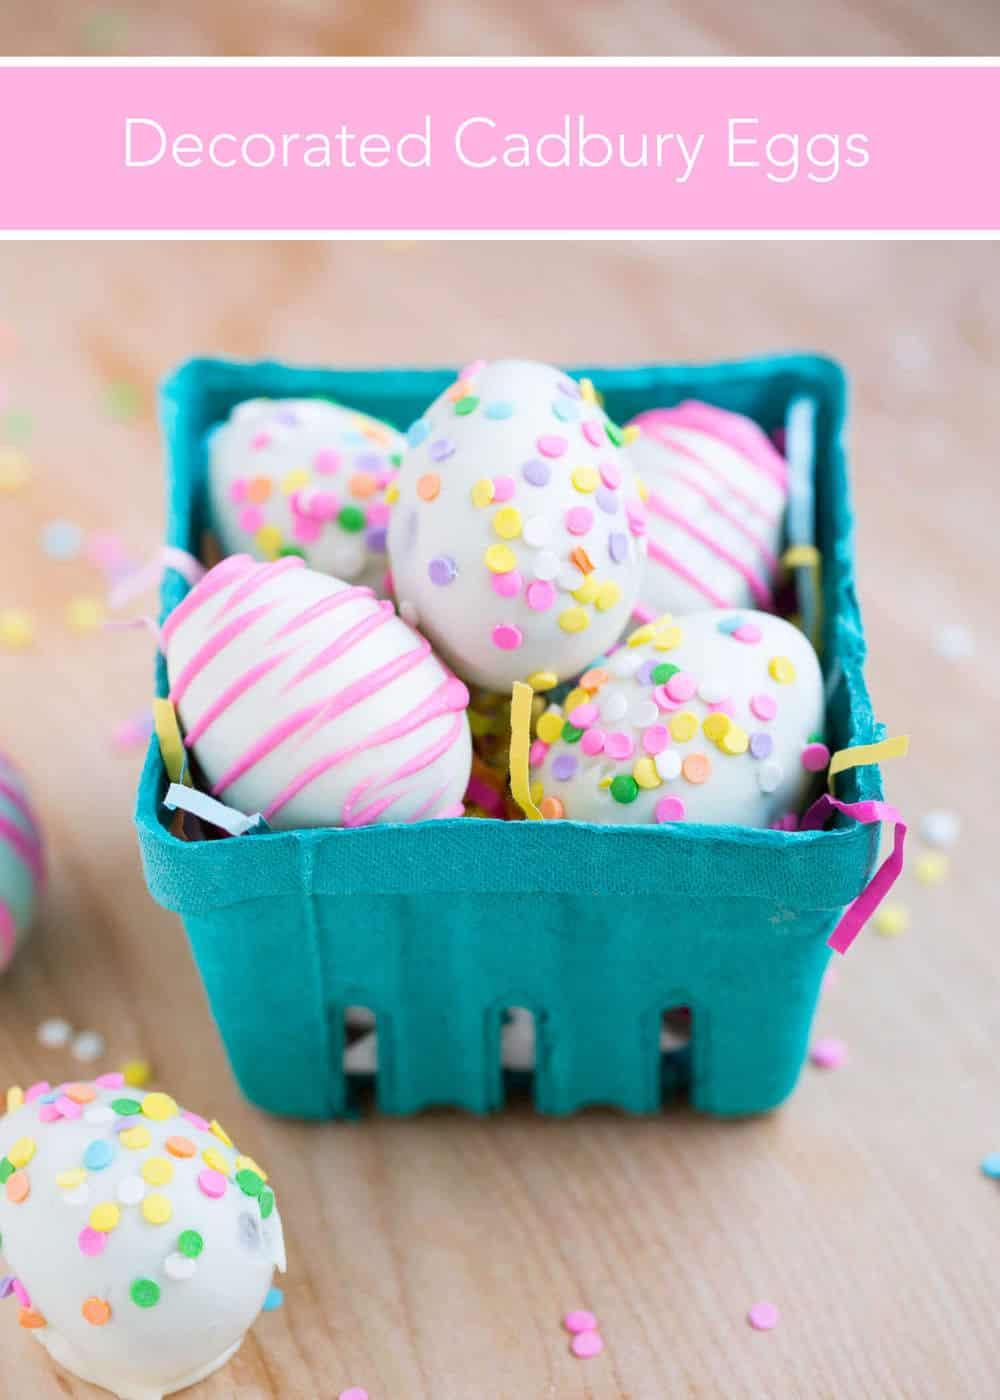 Decorated Cadbury Eggs